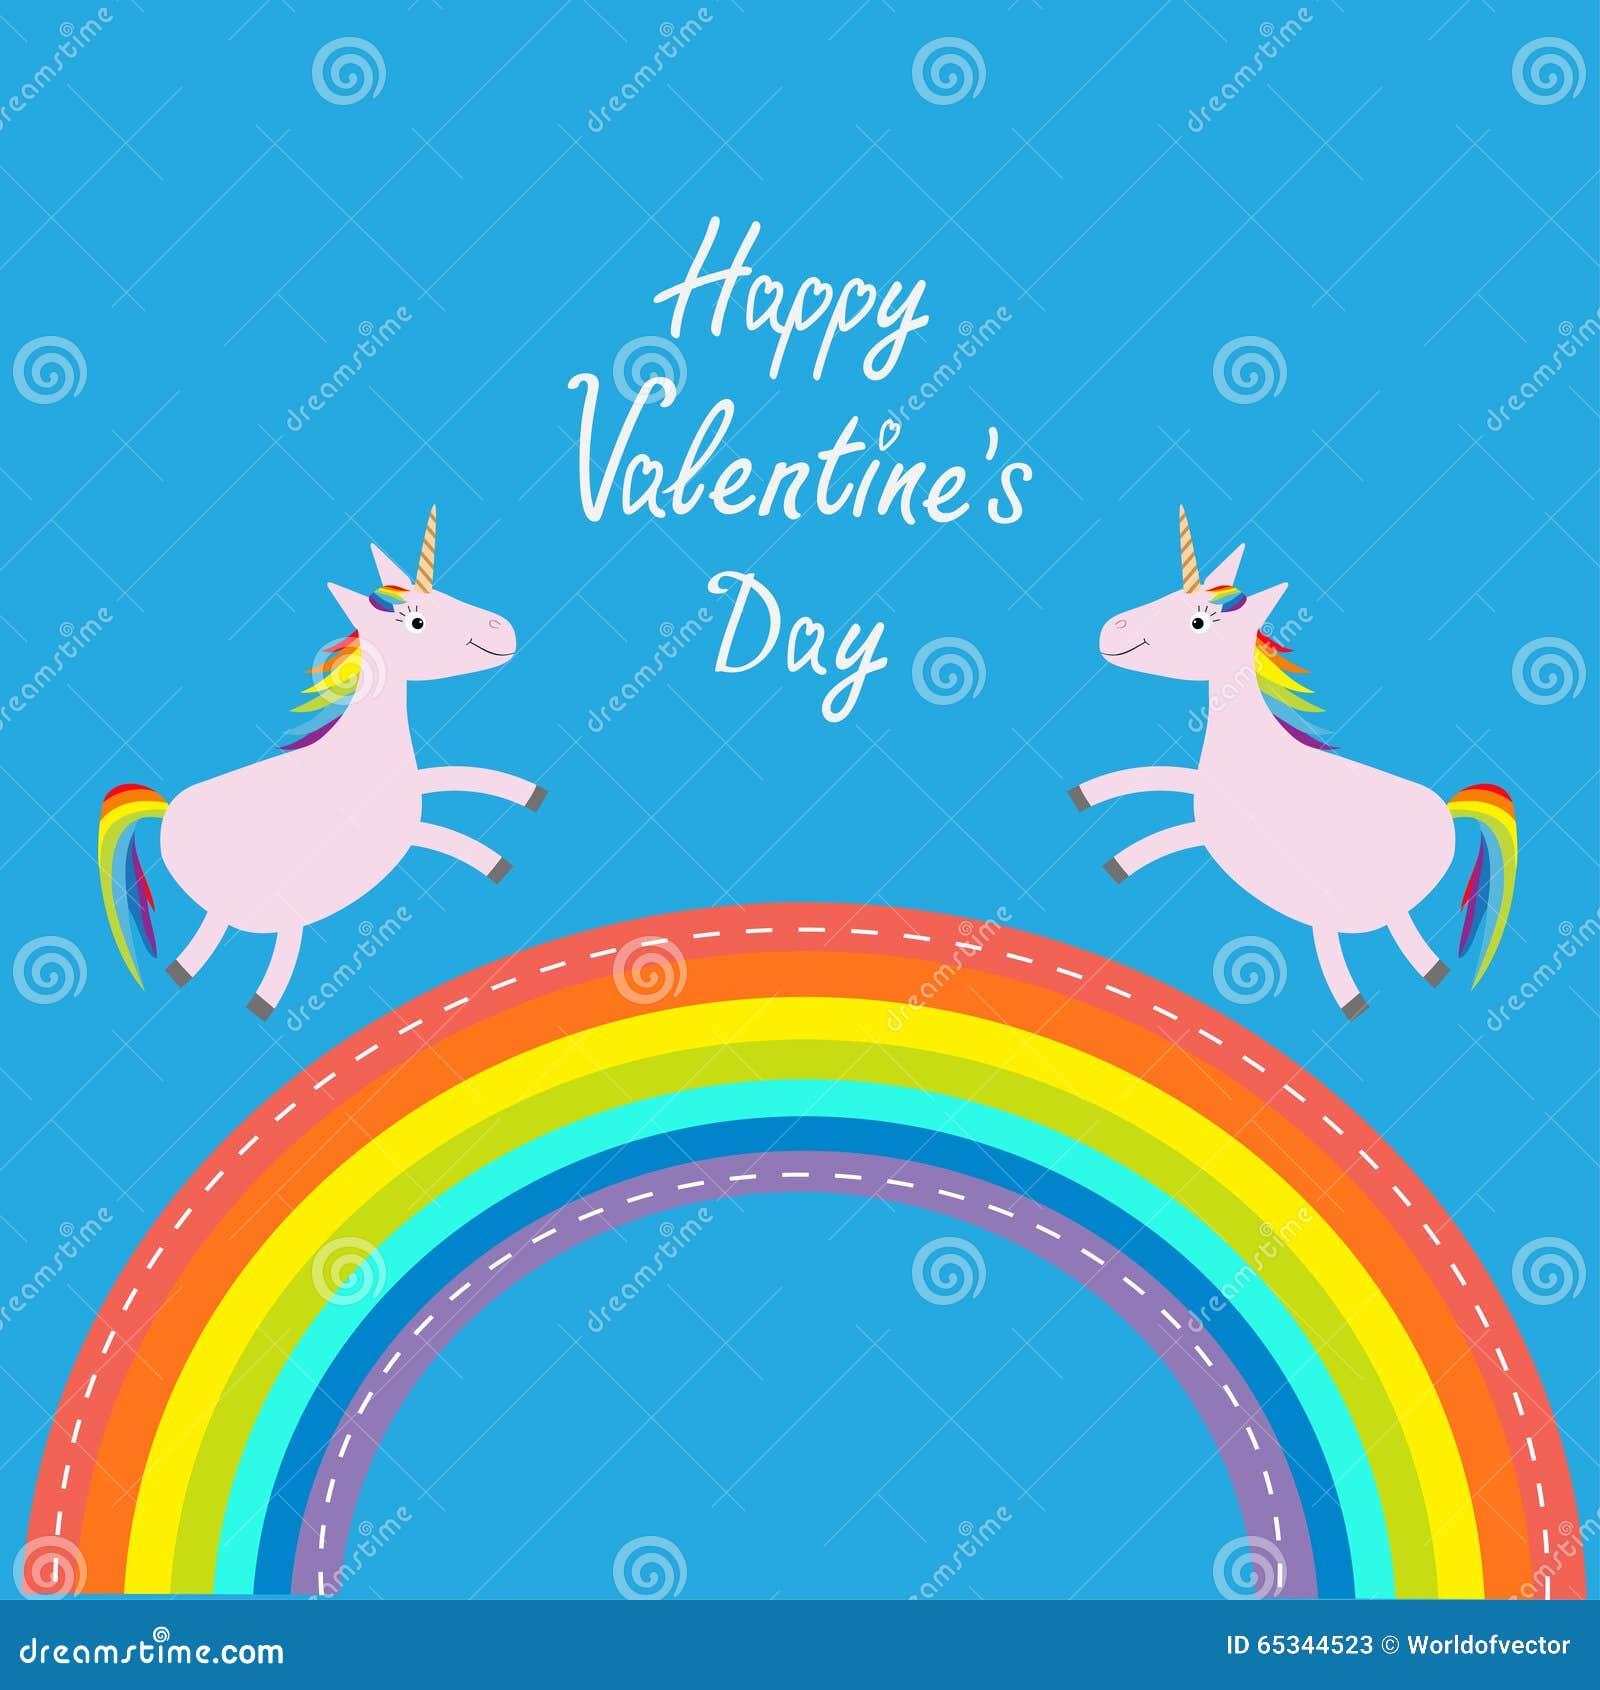 Diseño Del Rainbow Warrior Iii: Día De Tarjetas Del Día De San Valentín Feliz Tarjeta Del